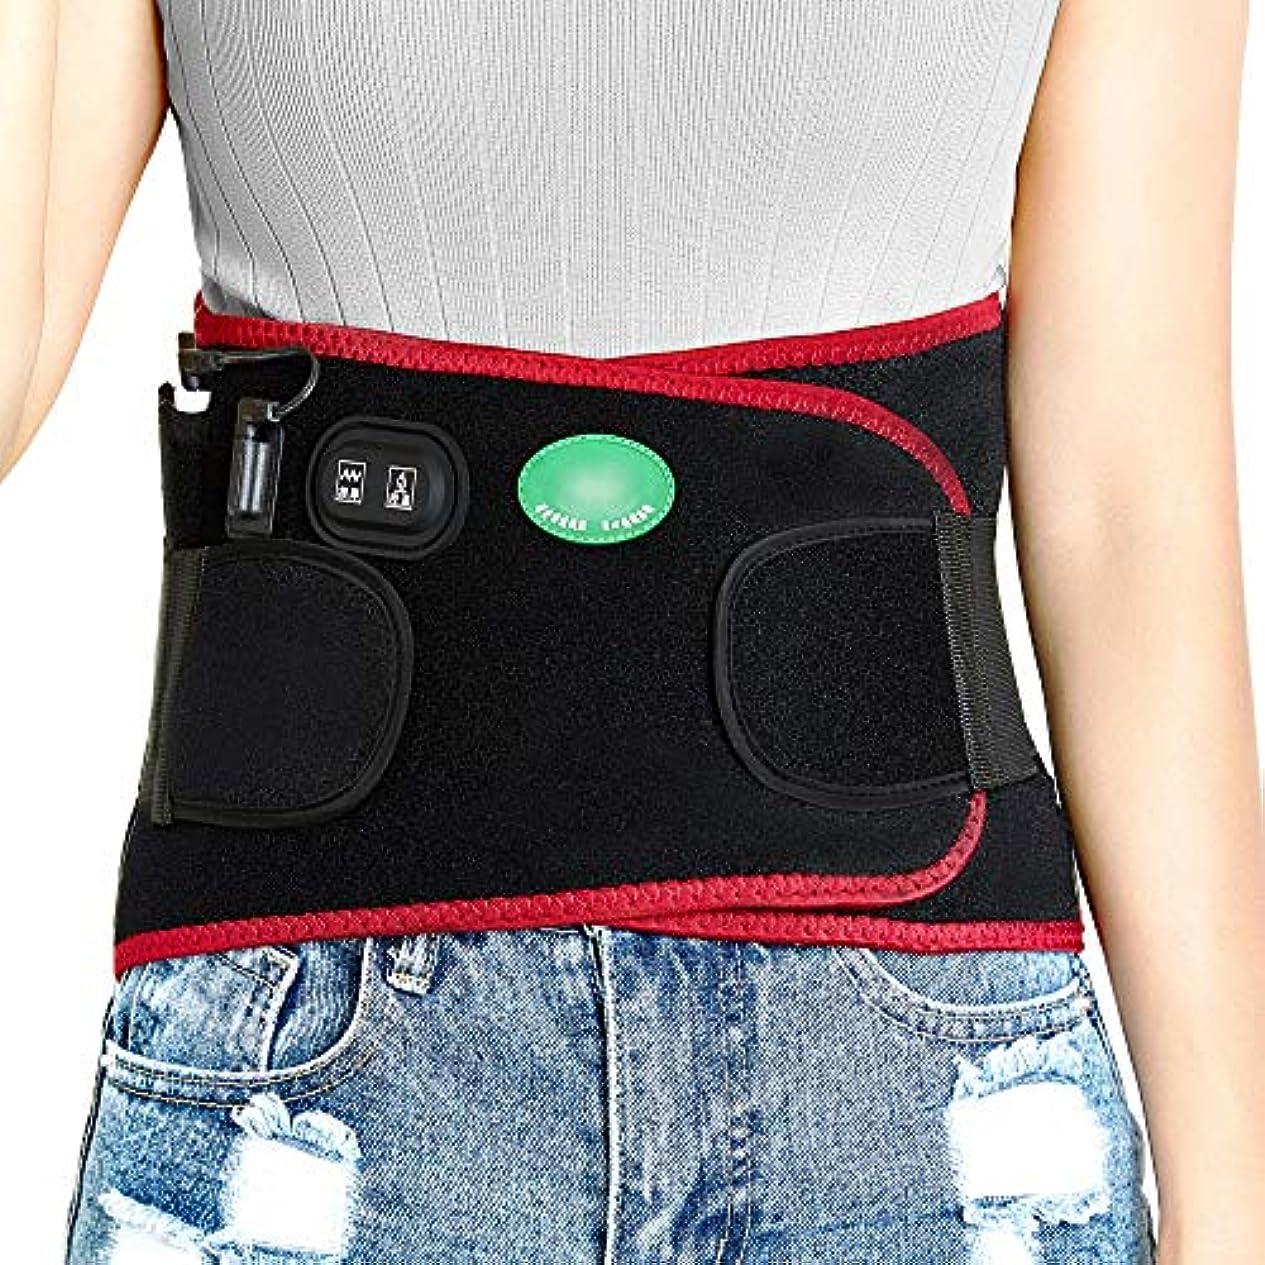 ガジュマルこする止まる腰用温熱ベルト 腰を支える 腰間盤際立っている 遠赤外線 腰椎の痛み緩和 3段階温度調節 充電式マッサージ振動する労損 熱をつける男女